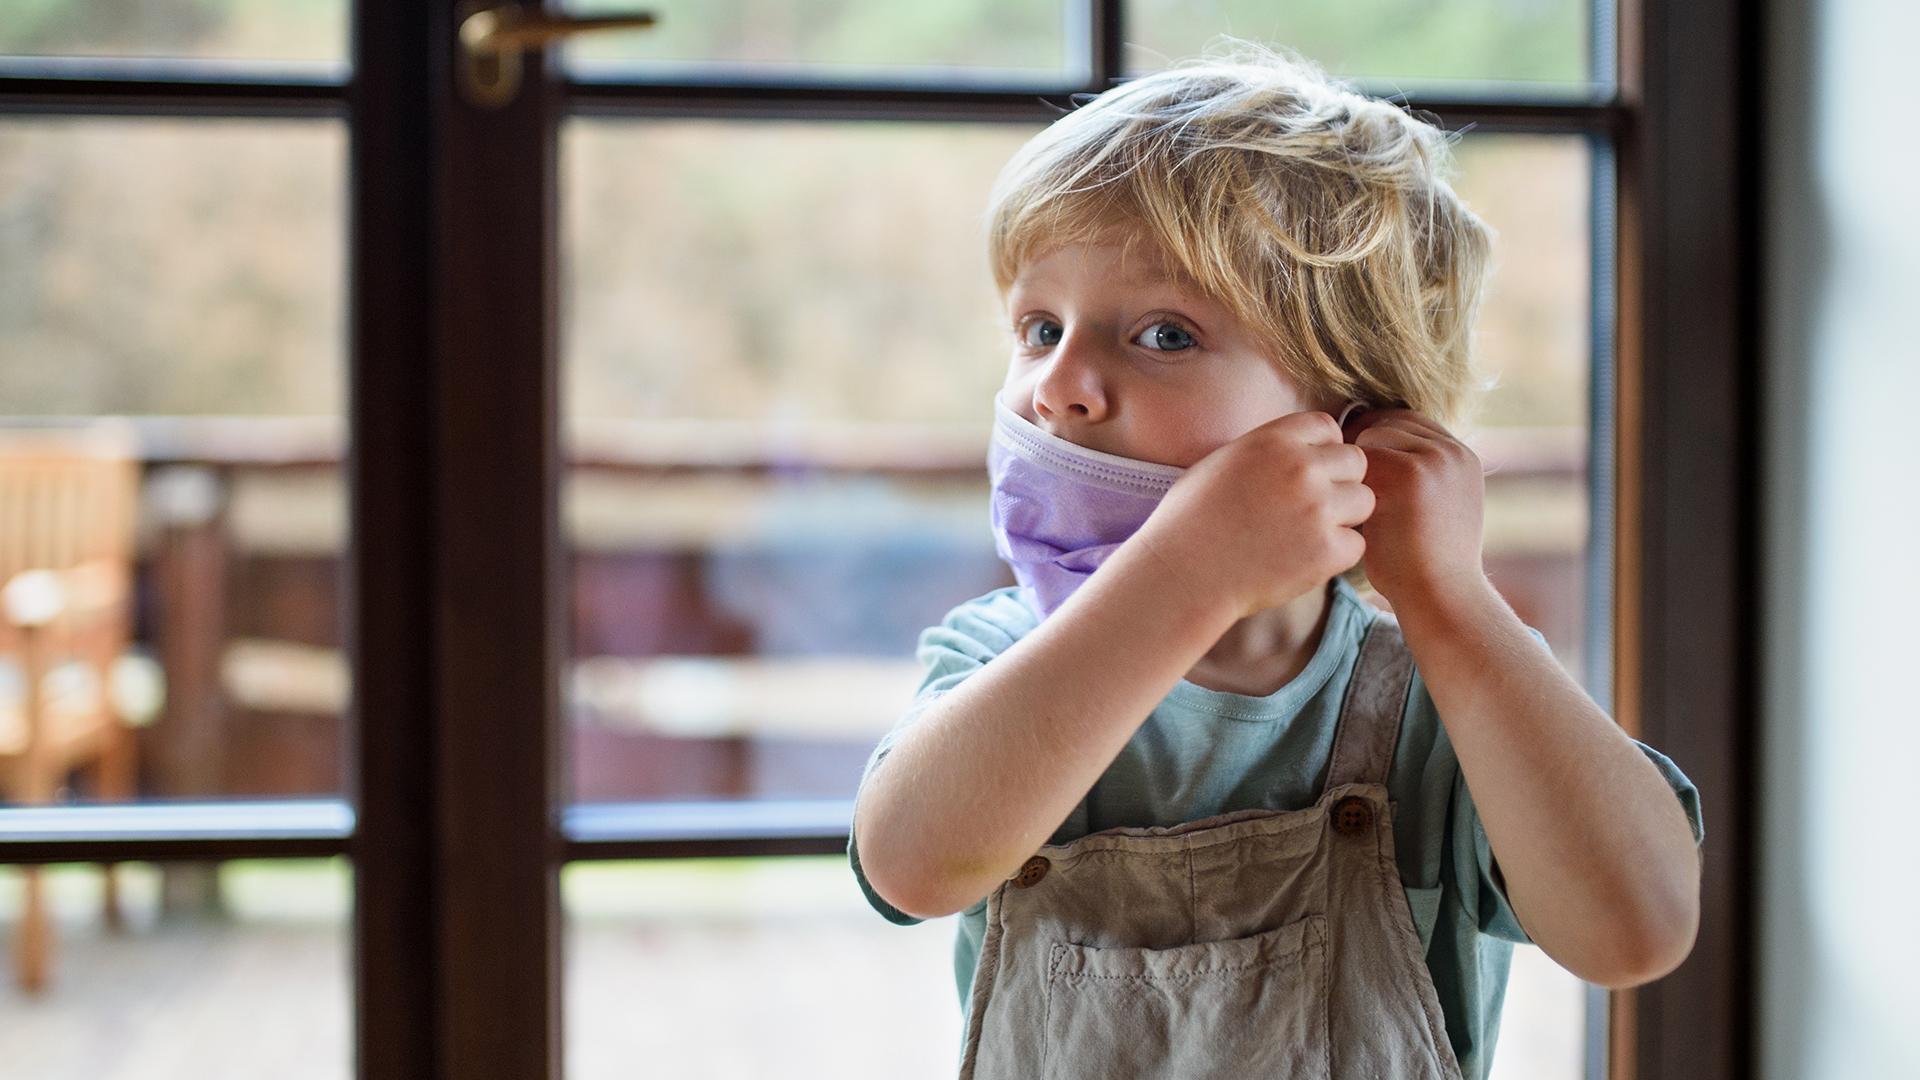 Nem igaz, hogy a gyerekek 68 százalékának problémát okozna a maszkviselés